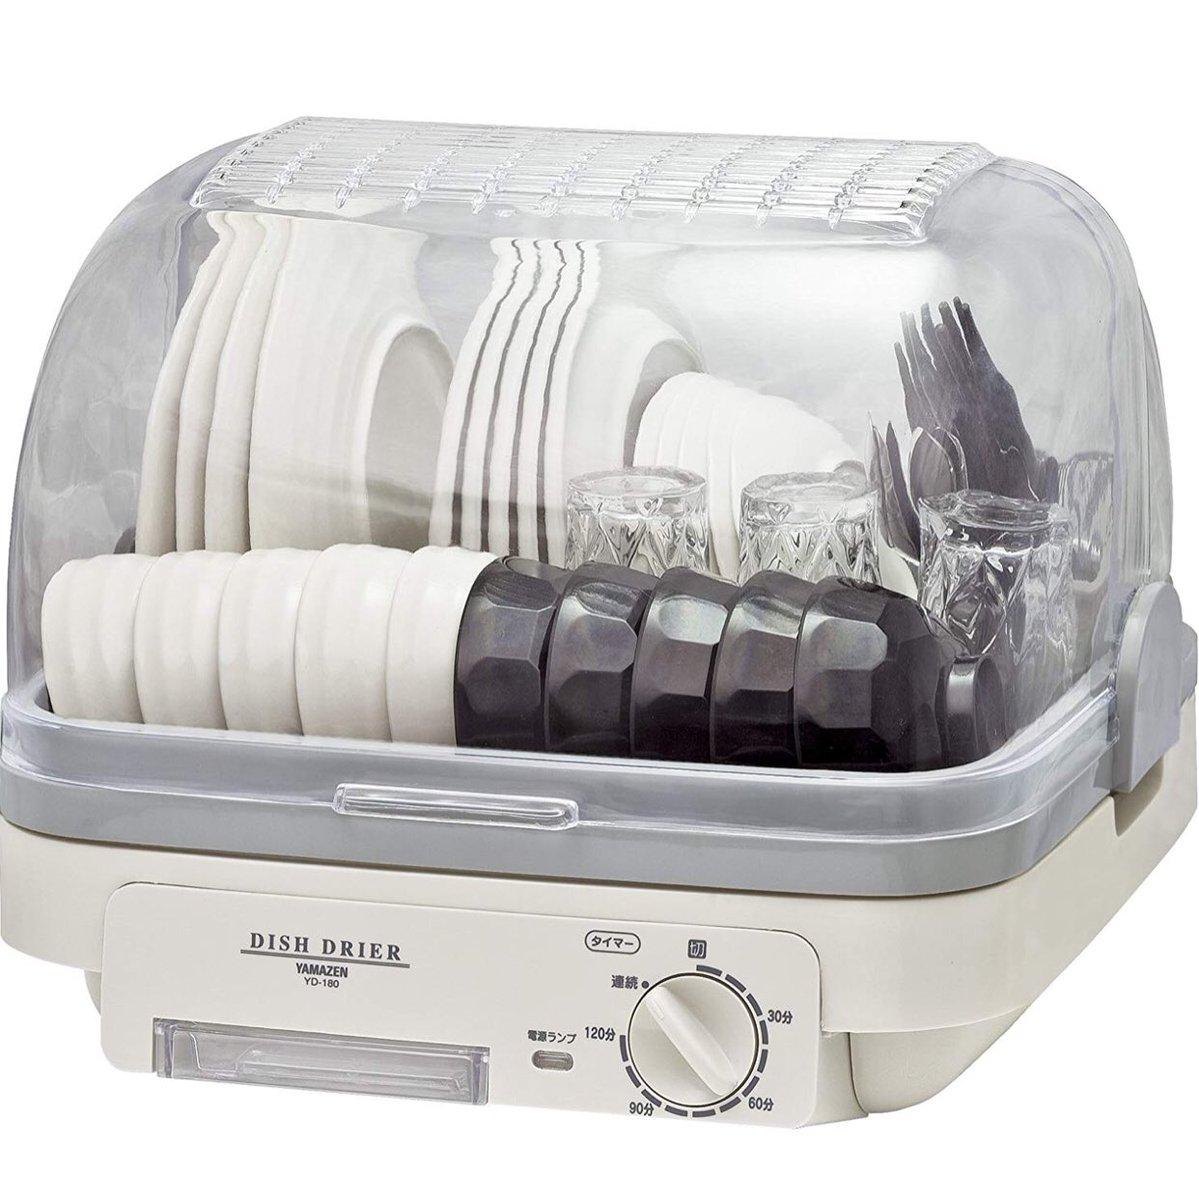 『ううっ…できません…!私の仕事は、洗った食器を乾燥させる事だから…!』「違うよ?君の仕事は塗装した模型を乾燥させる事だよ?」『うわあーっ!(滅亡迅雷.netに接続)』